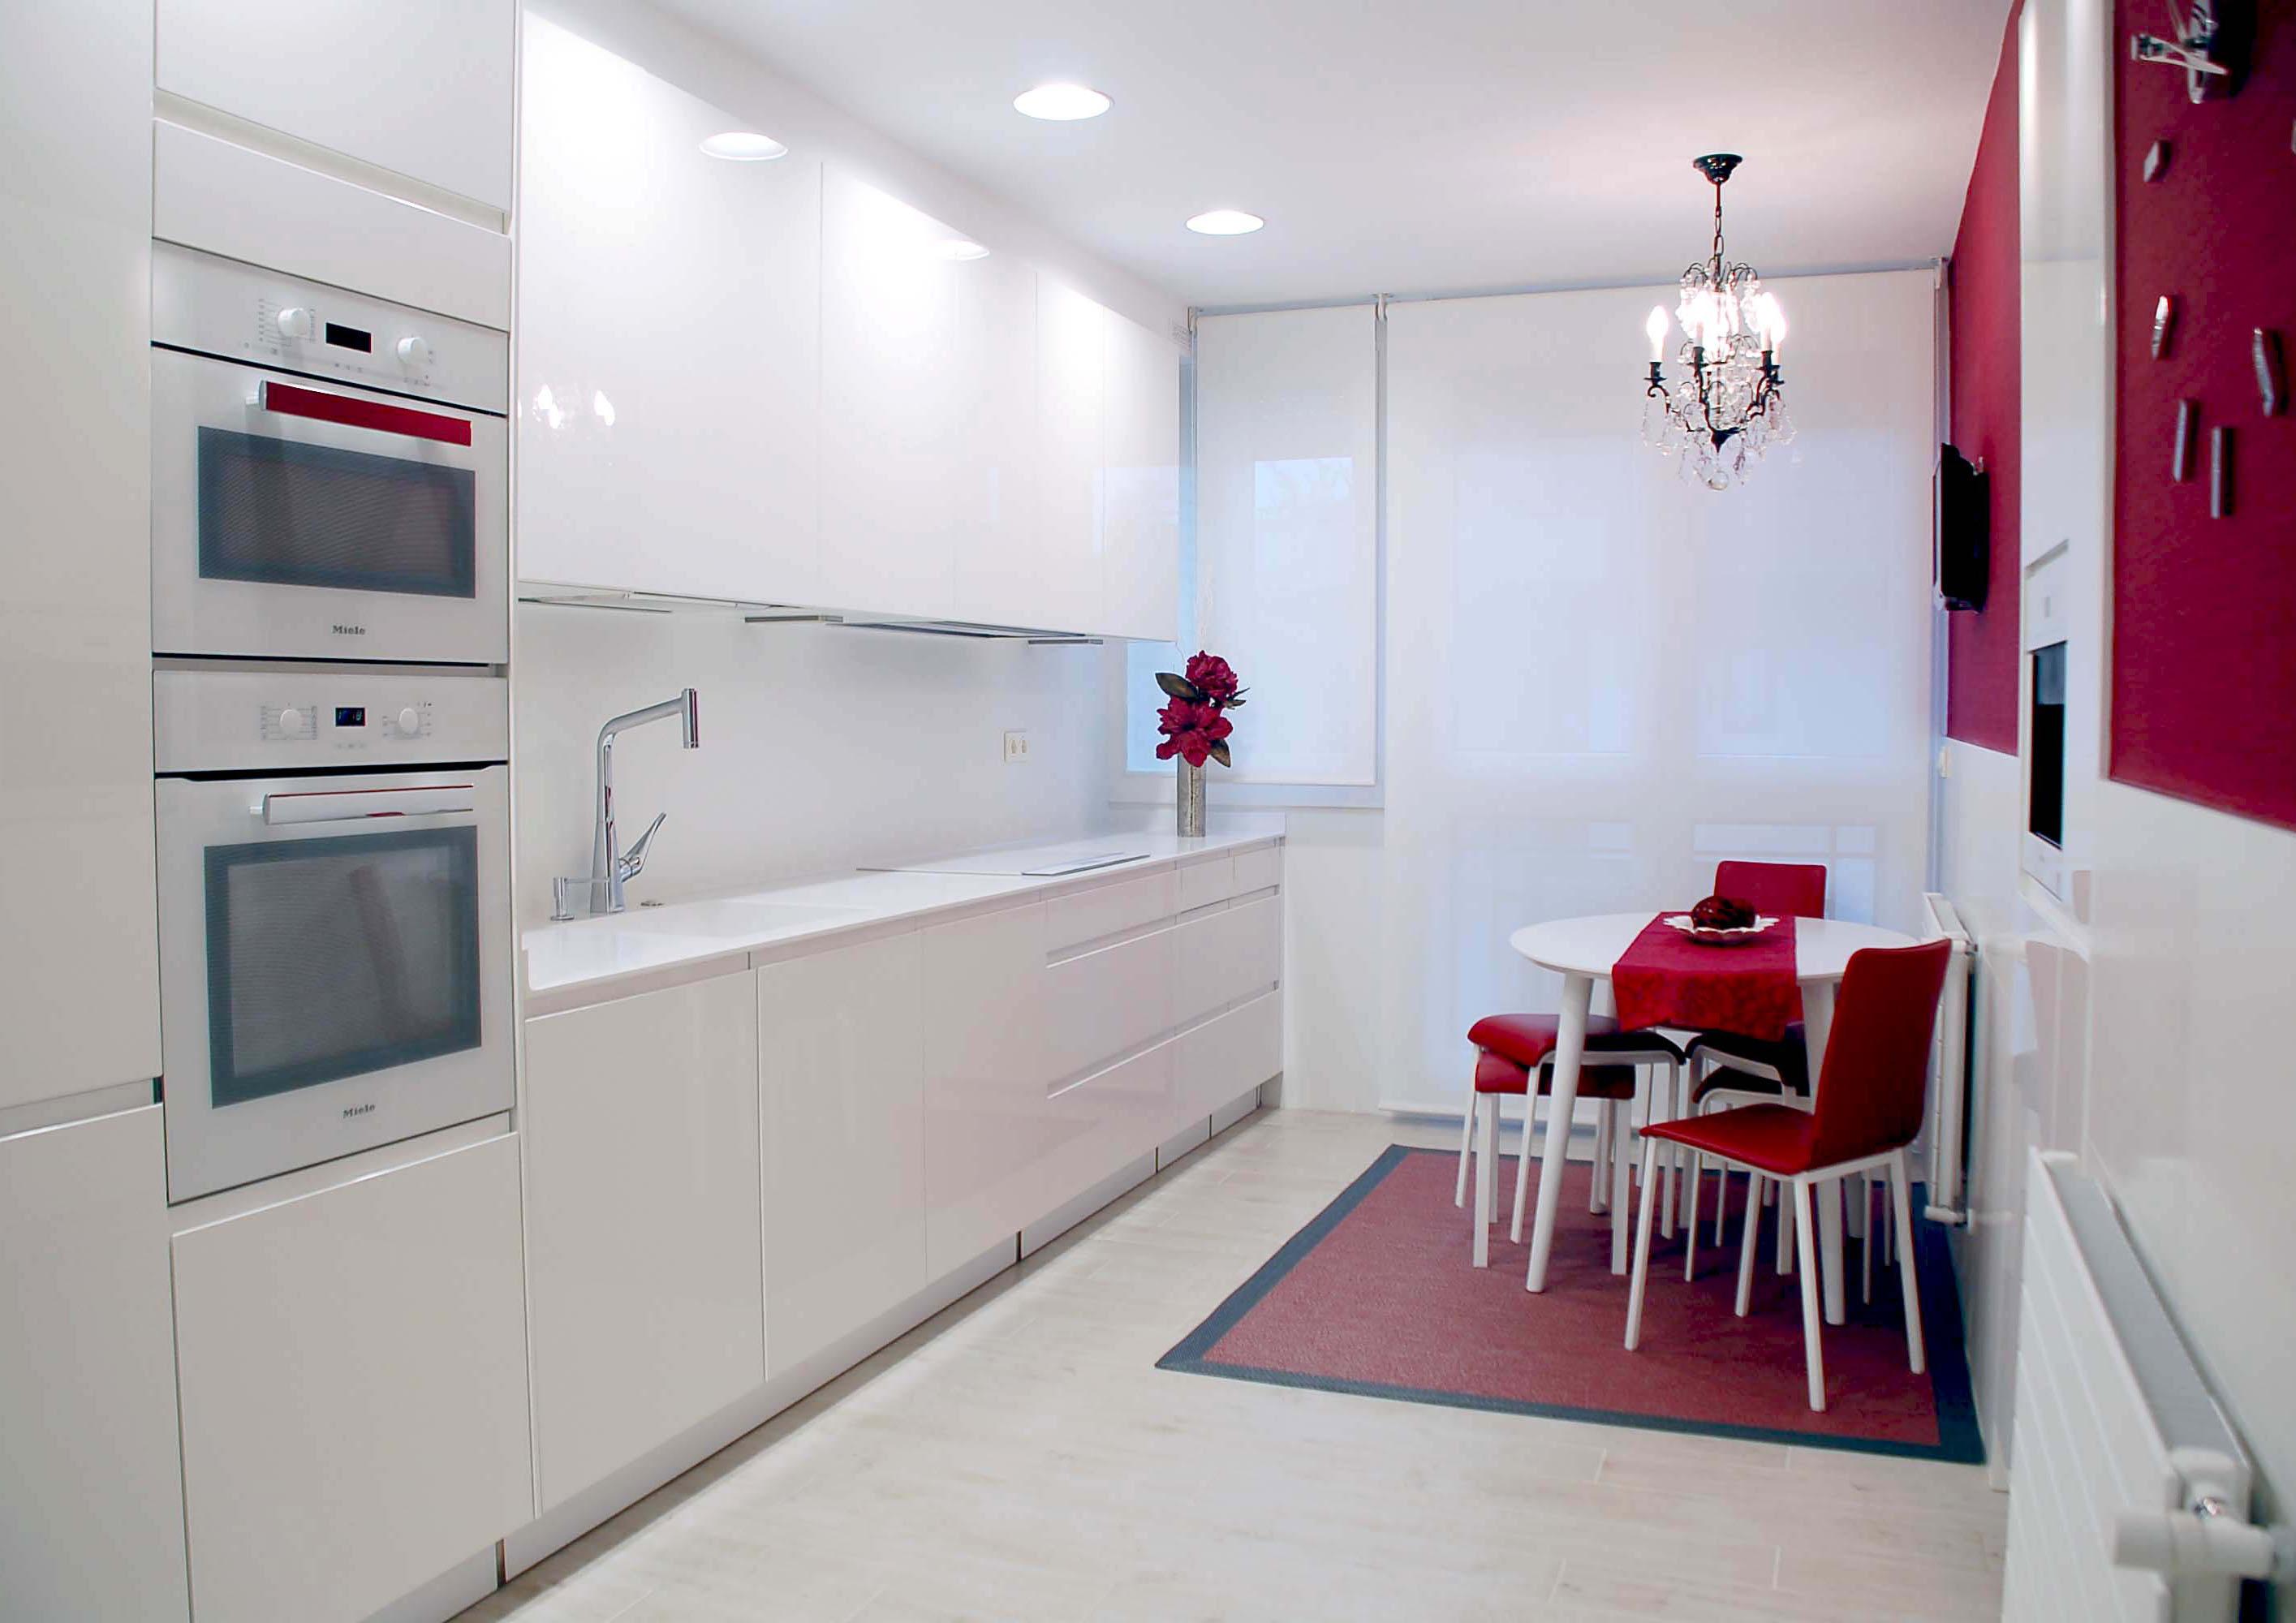 Bienvenidos a dg muebles cocinas i mobiliario de hogar y - Cocina con electrodomesticos ...